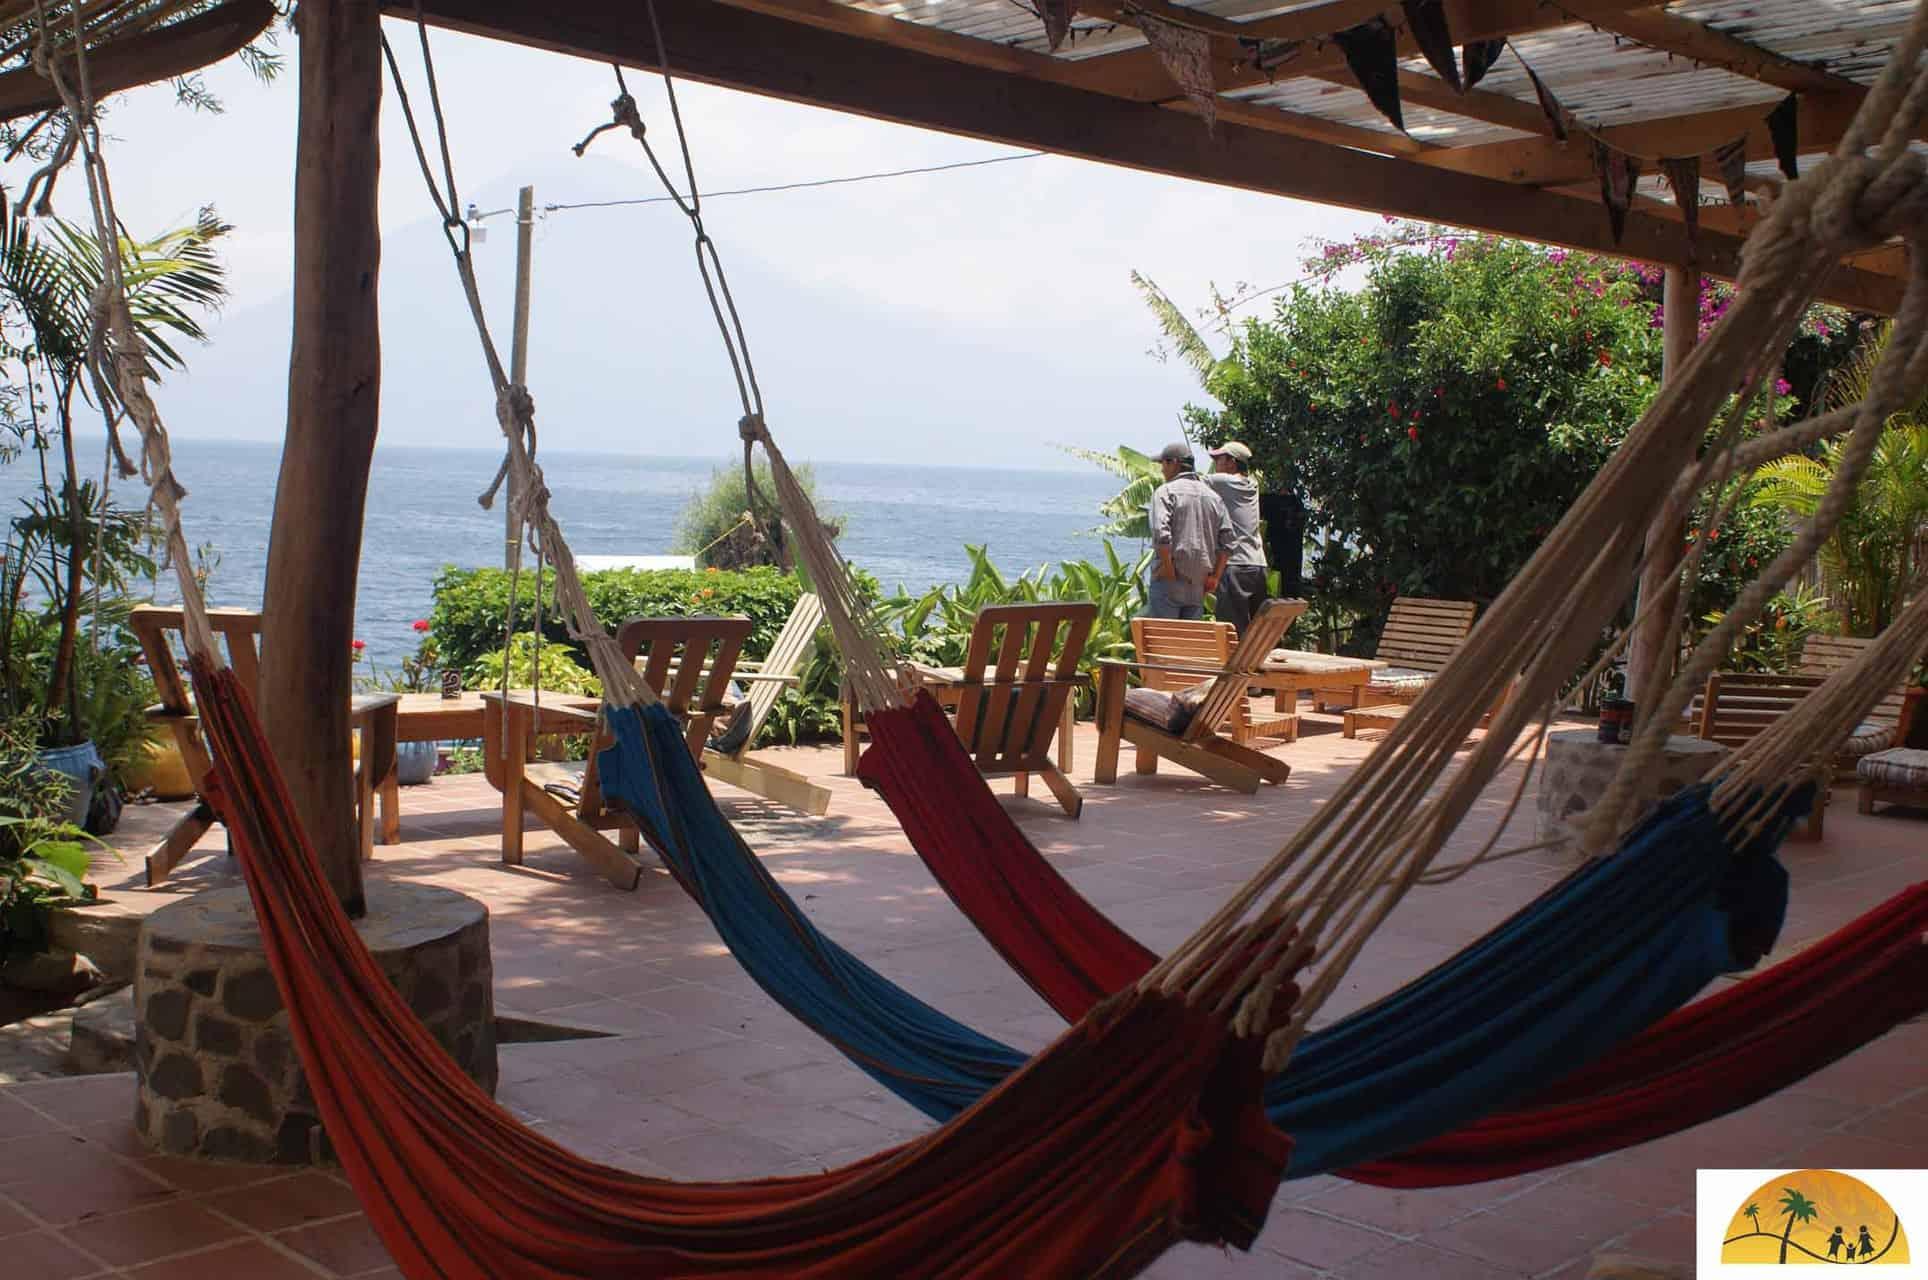 Hangmat Zuid Amerika.5 Onmisbare Vakantie Ervaringen In Midden Amerika